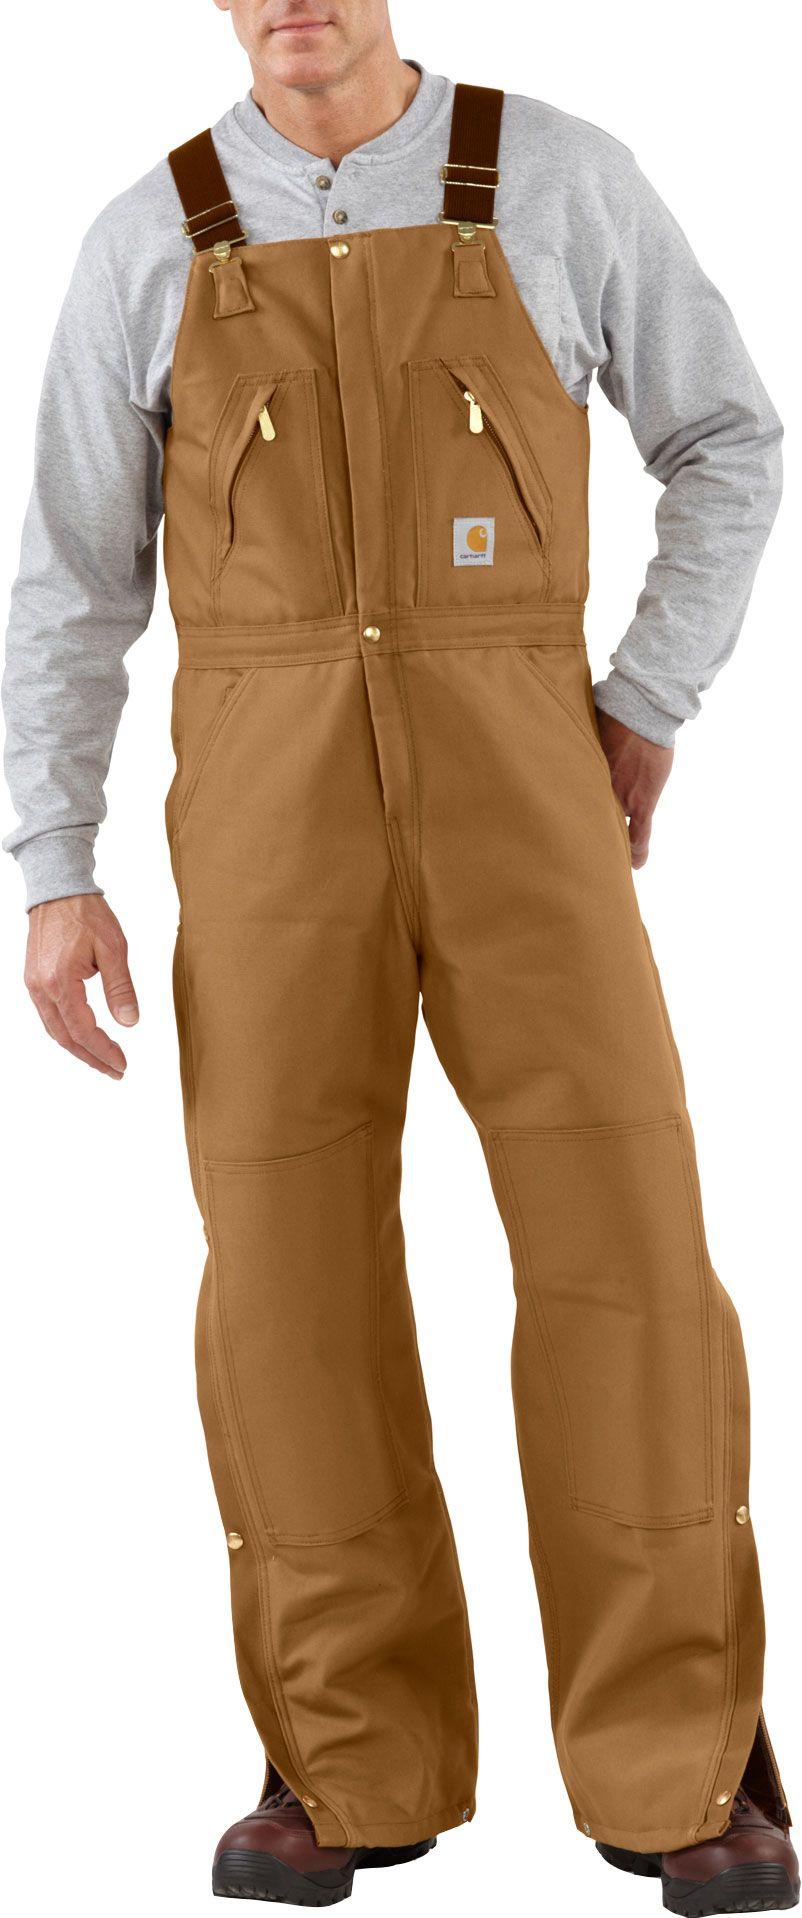 Carhartt Men's Zip-To-Waist Quilt Lined Duck Bib Overalls | DICK'S ... : carhartt quilt lined duck bib overalls - Adamdwight.com